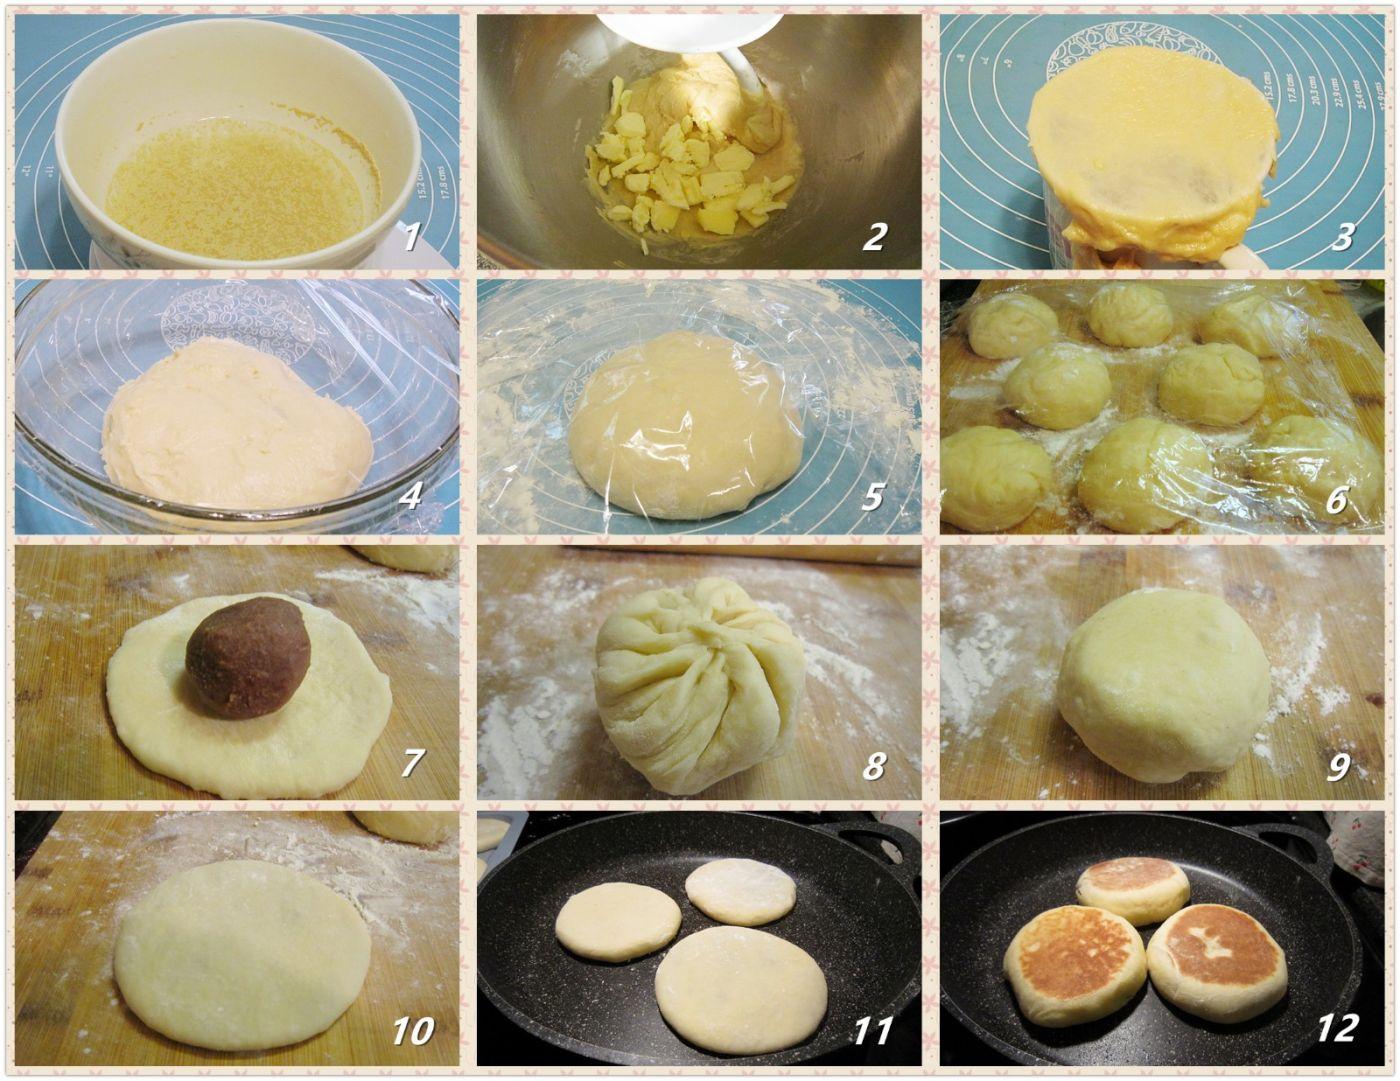 平底锅烘豆沙饼_图1-2